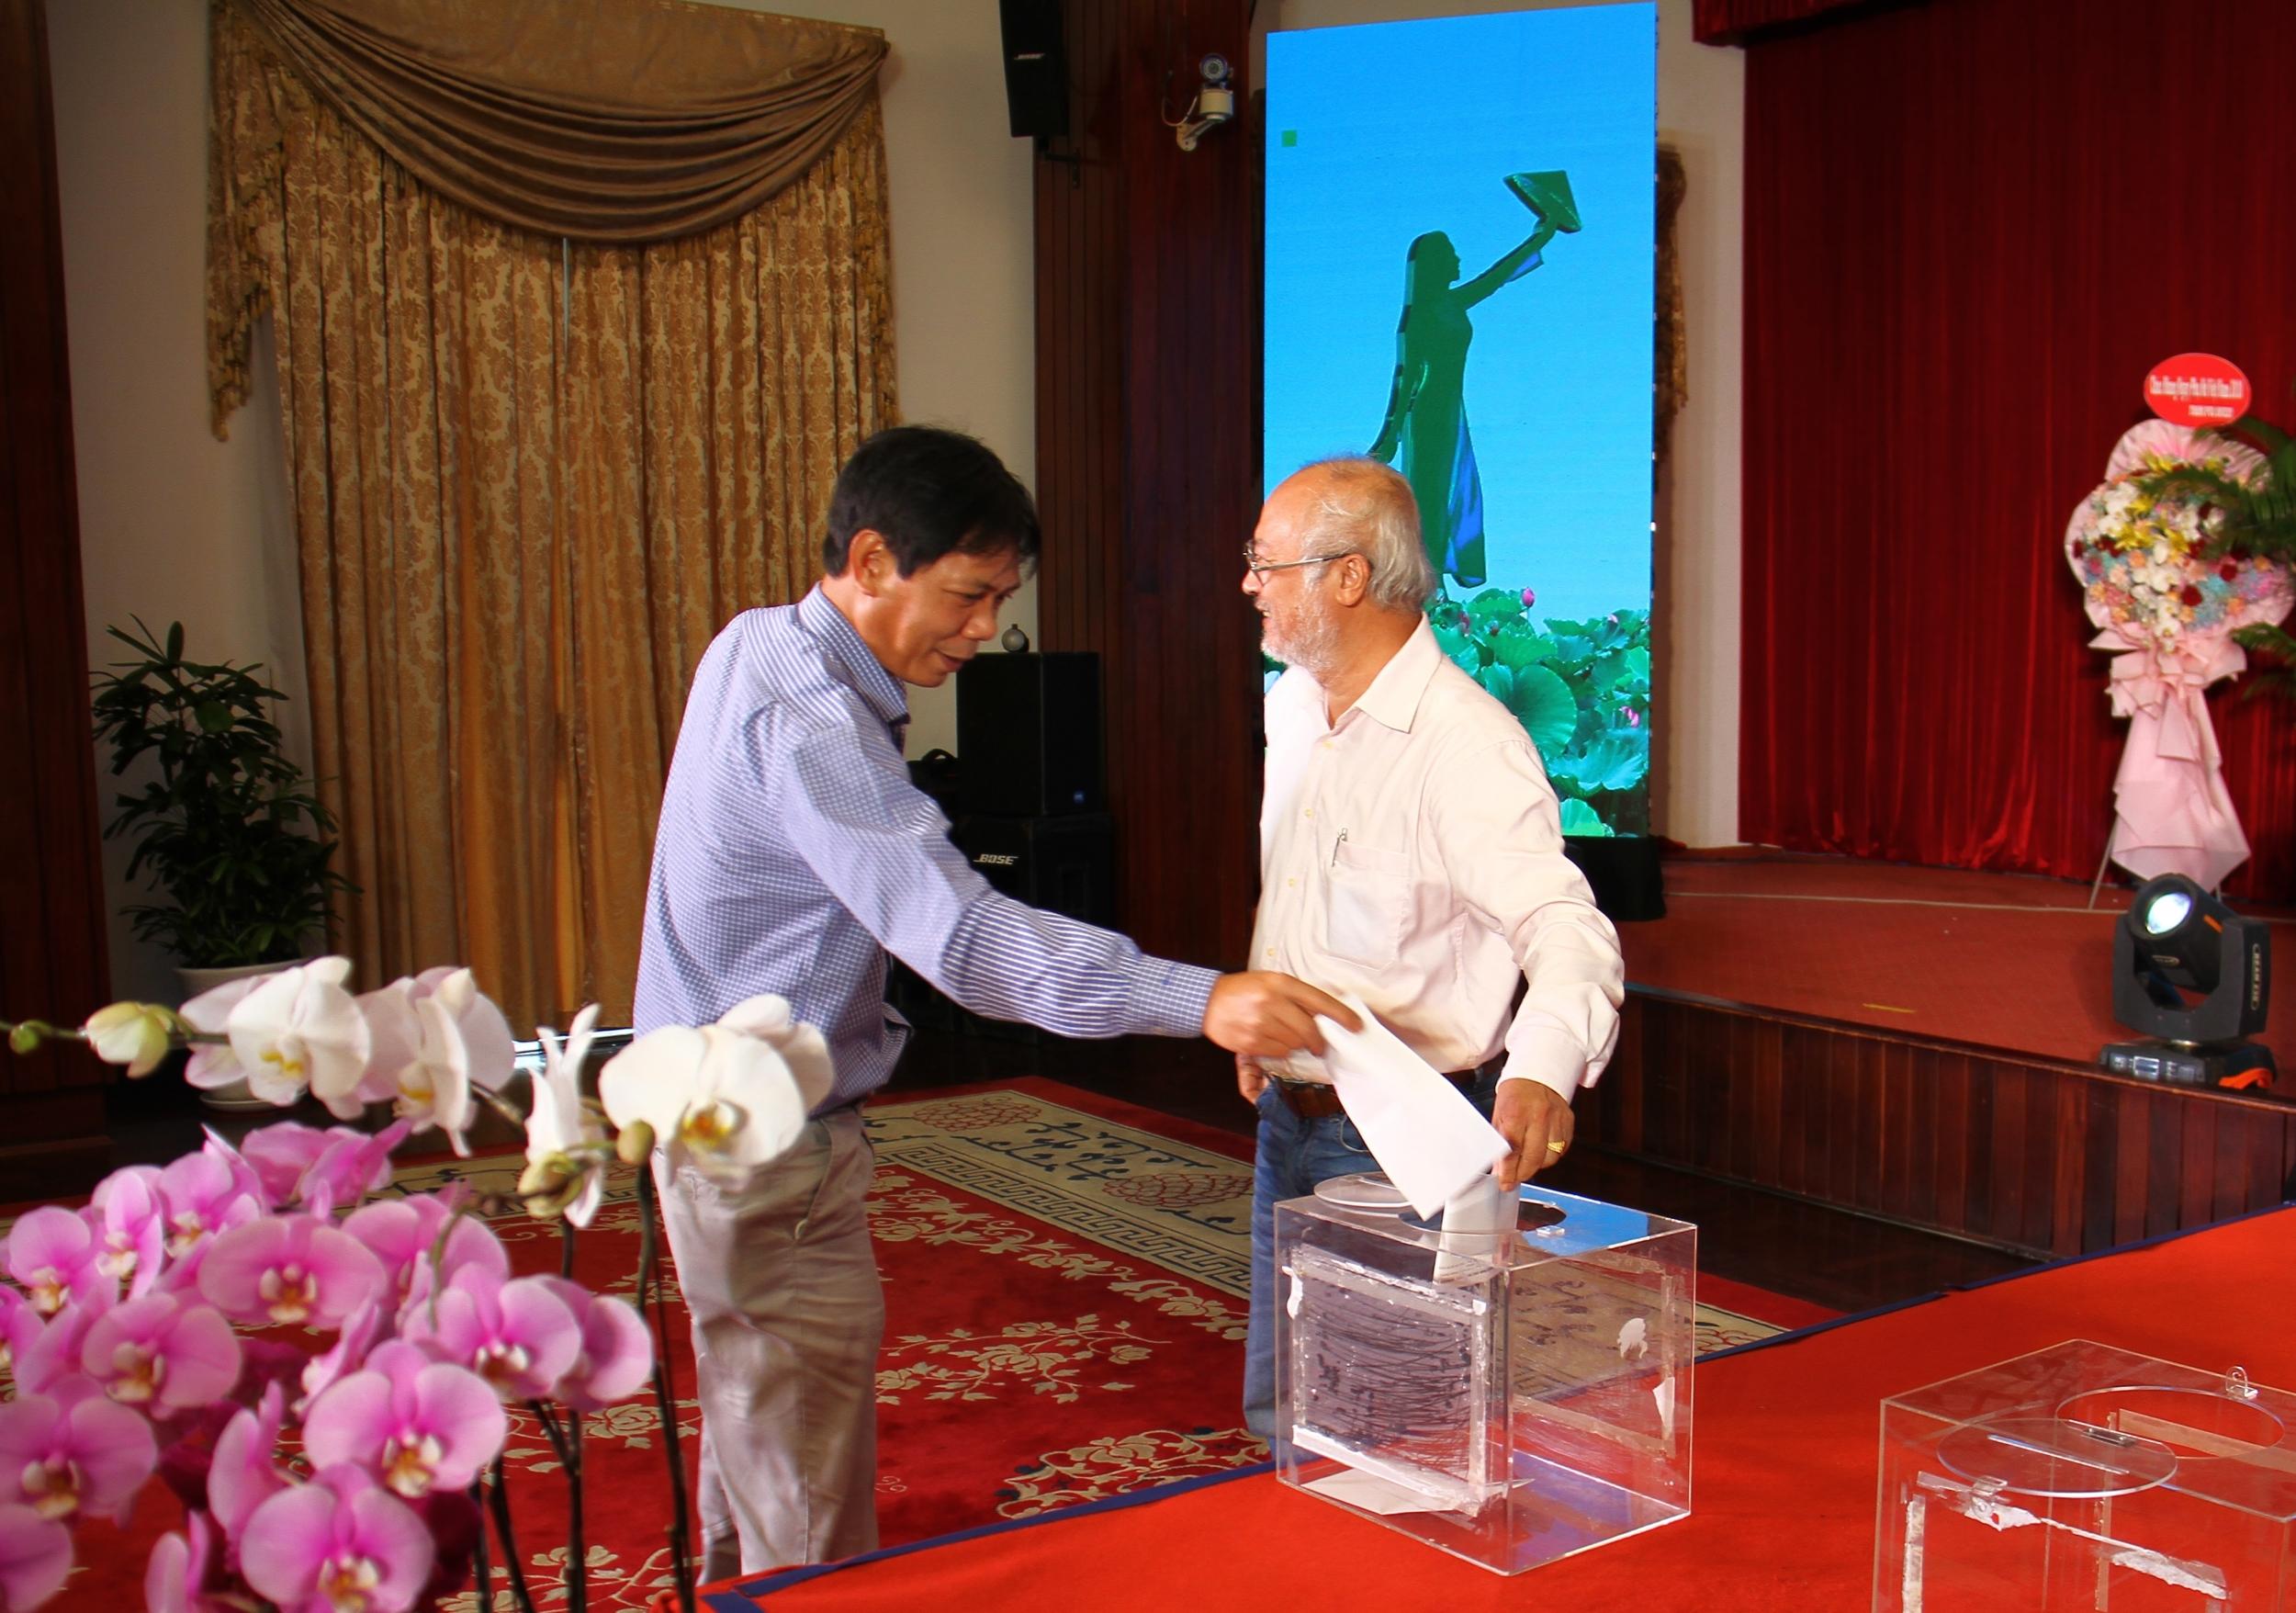 cong doan pv drilling ky niem 90 nam ngay phu nu viet nam va chuong trinh ao dai di san van hoa viet nam